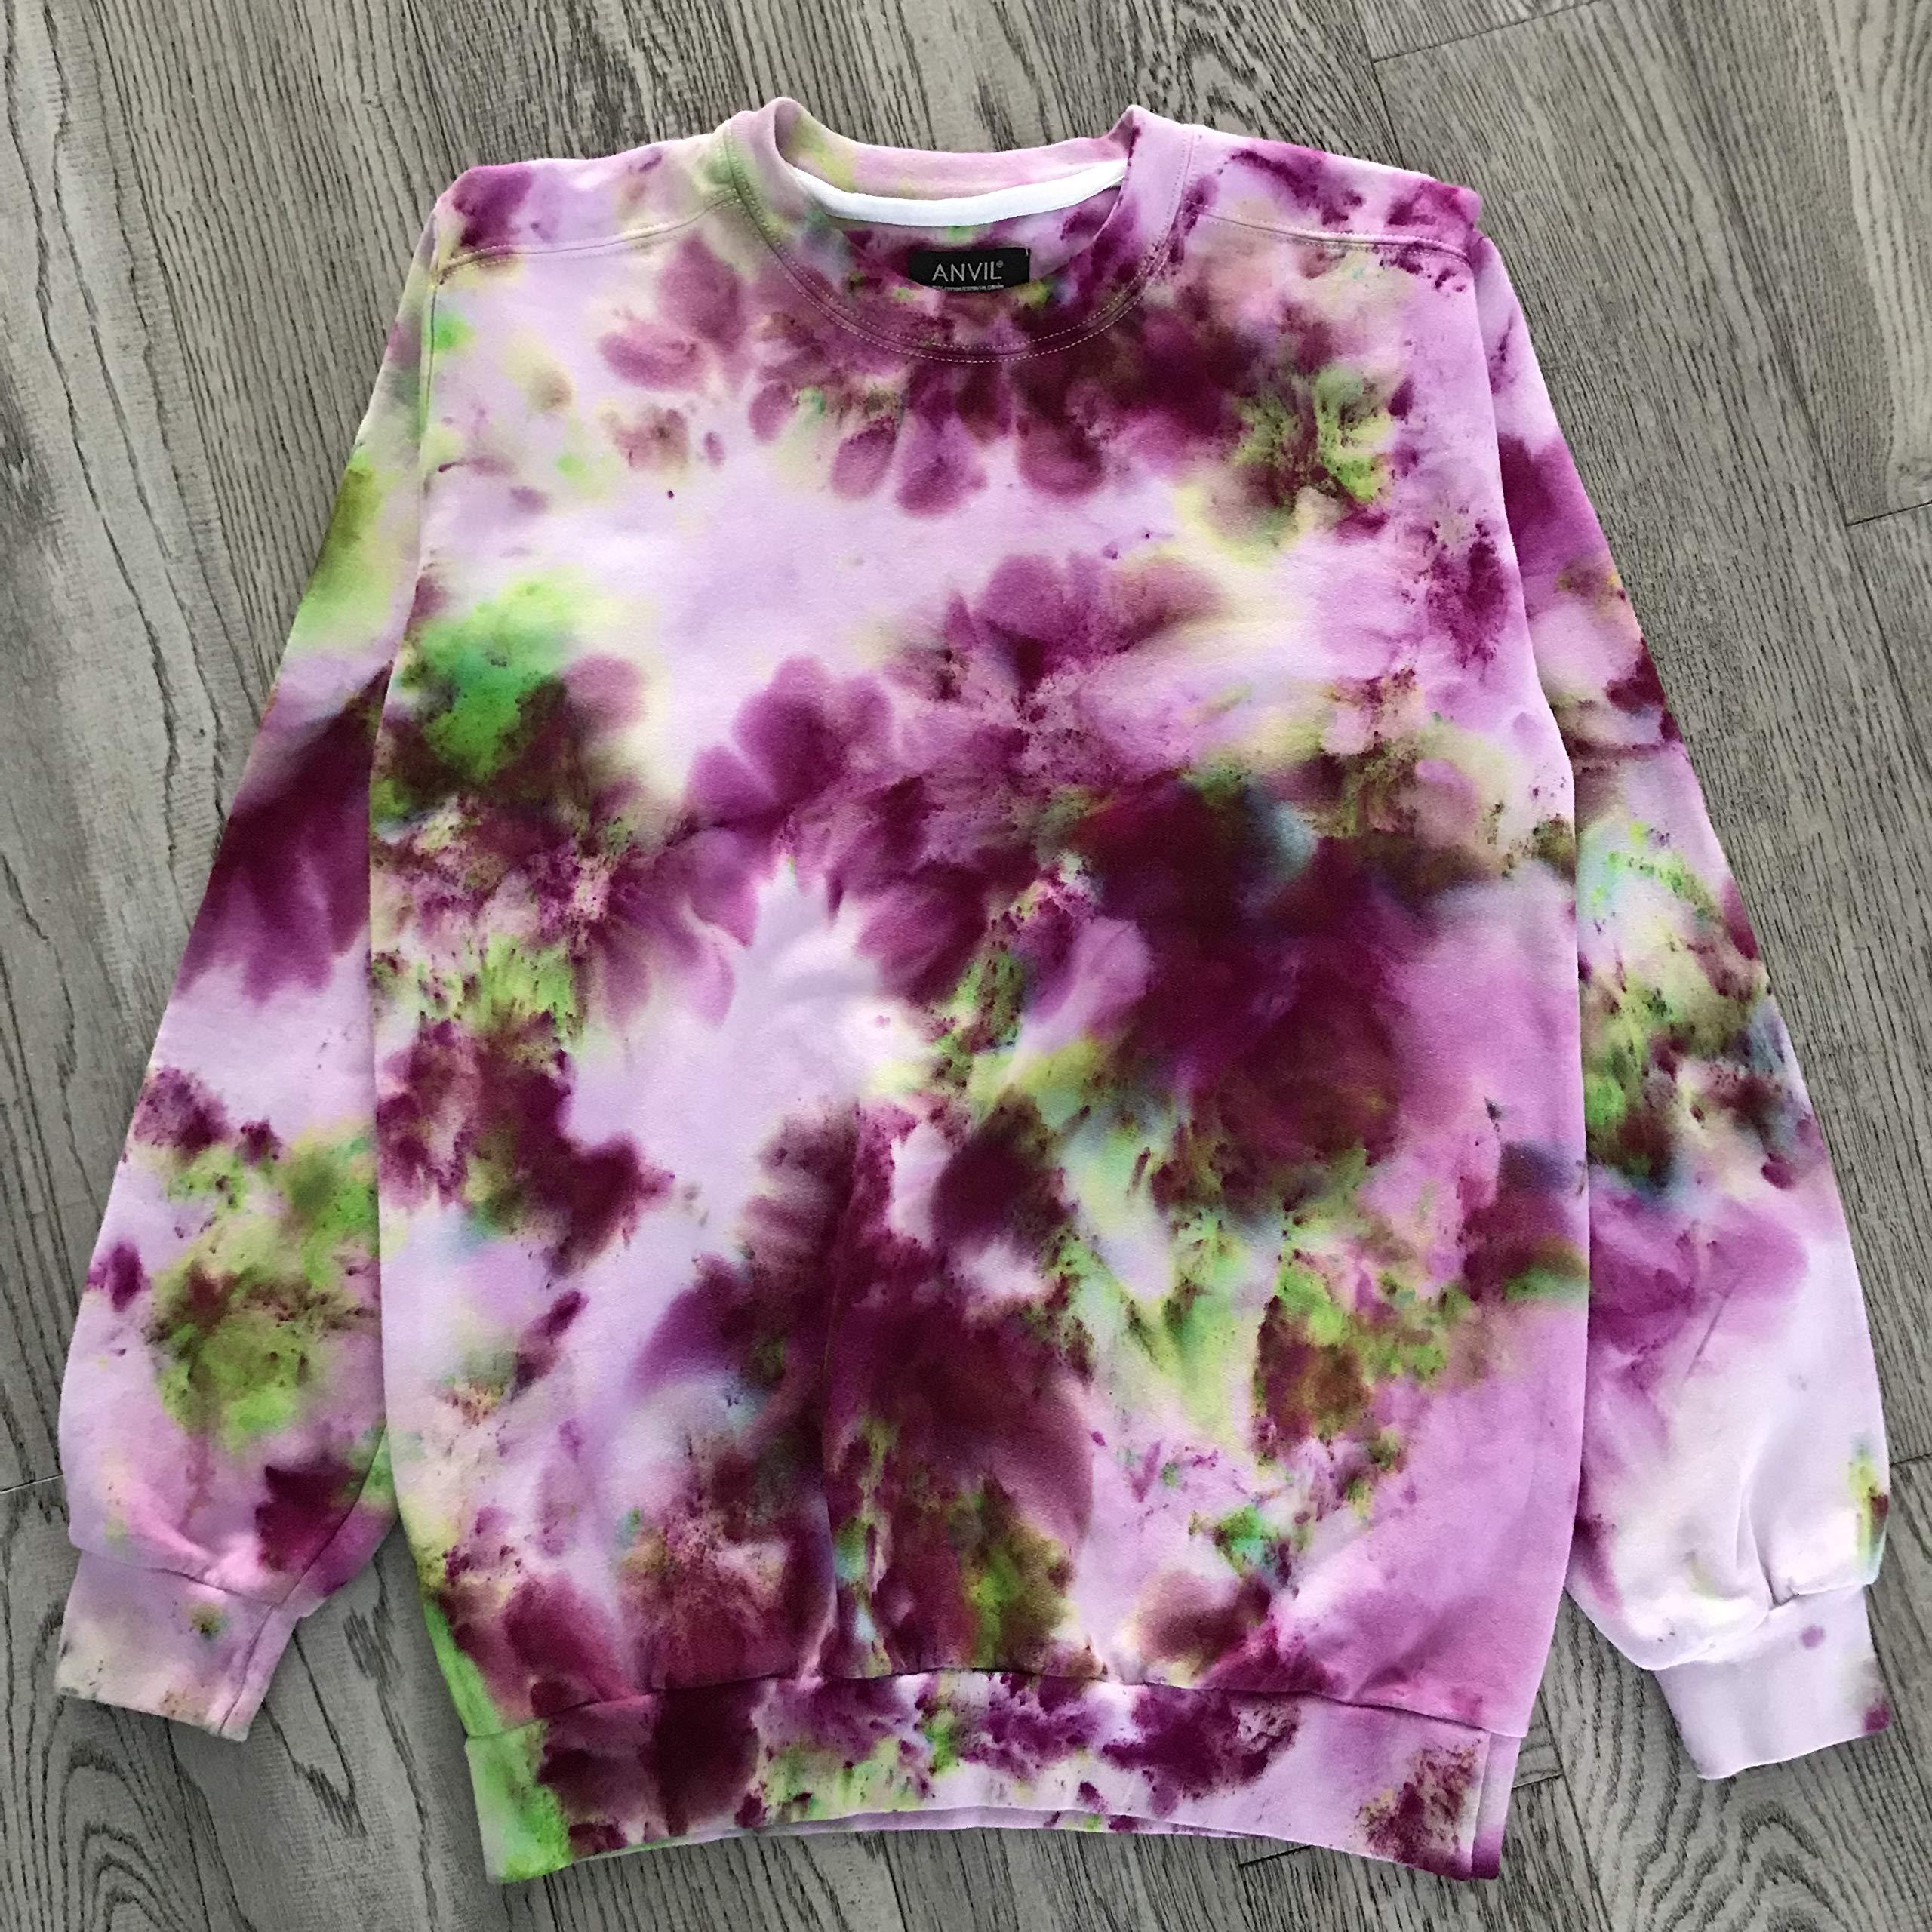 Flower Grunge Unisex Sweatshirt by Masha Apparel